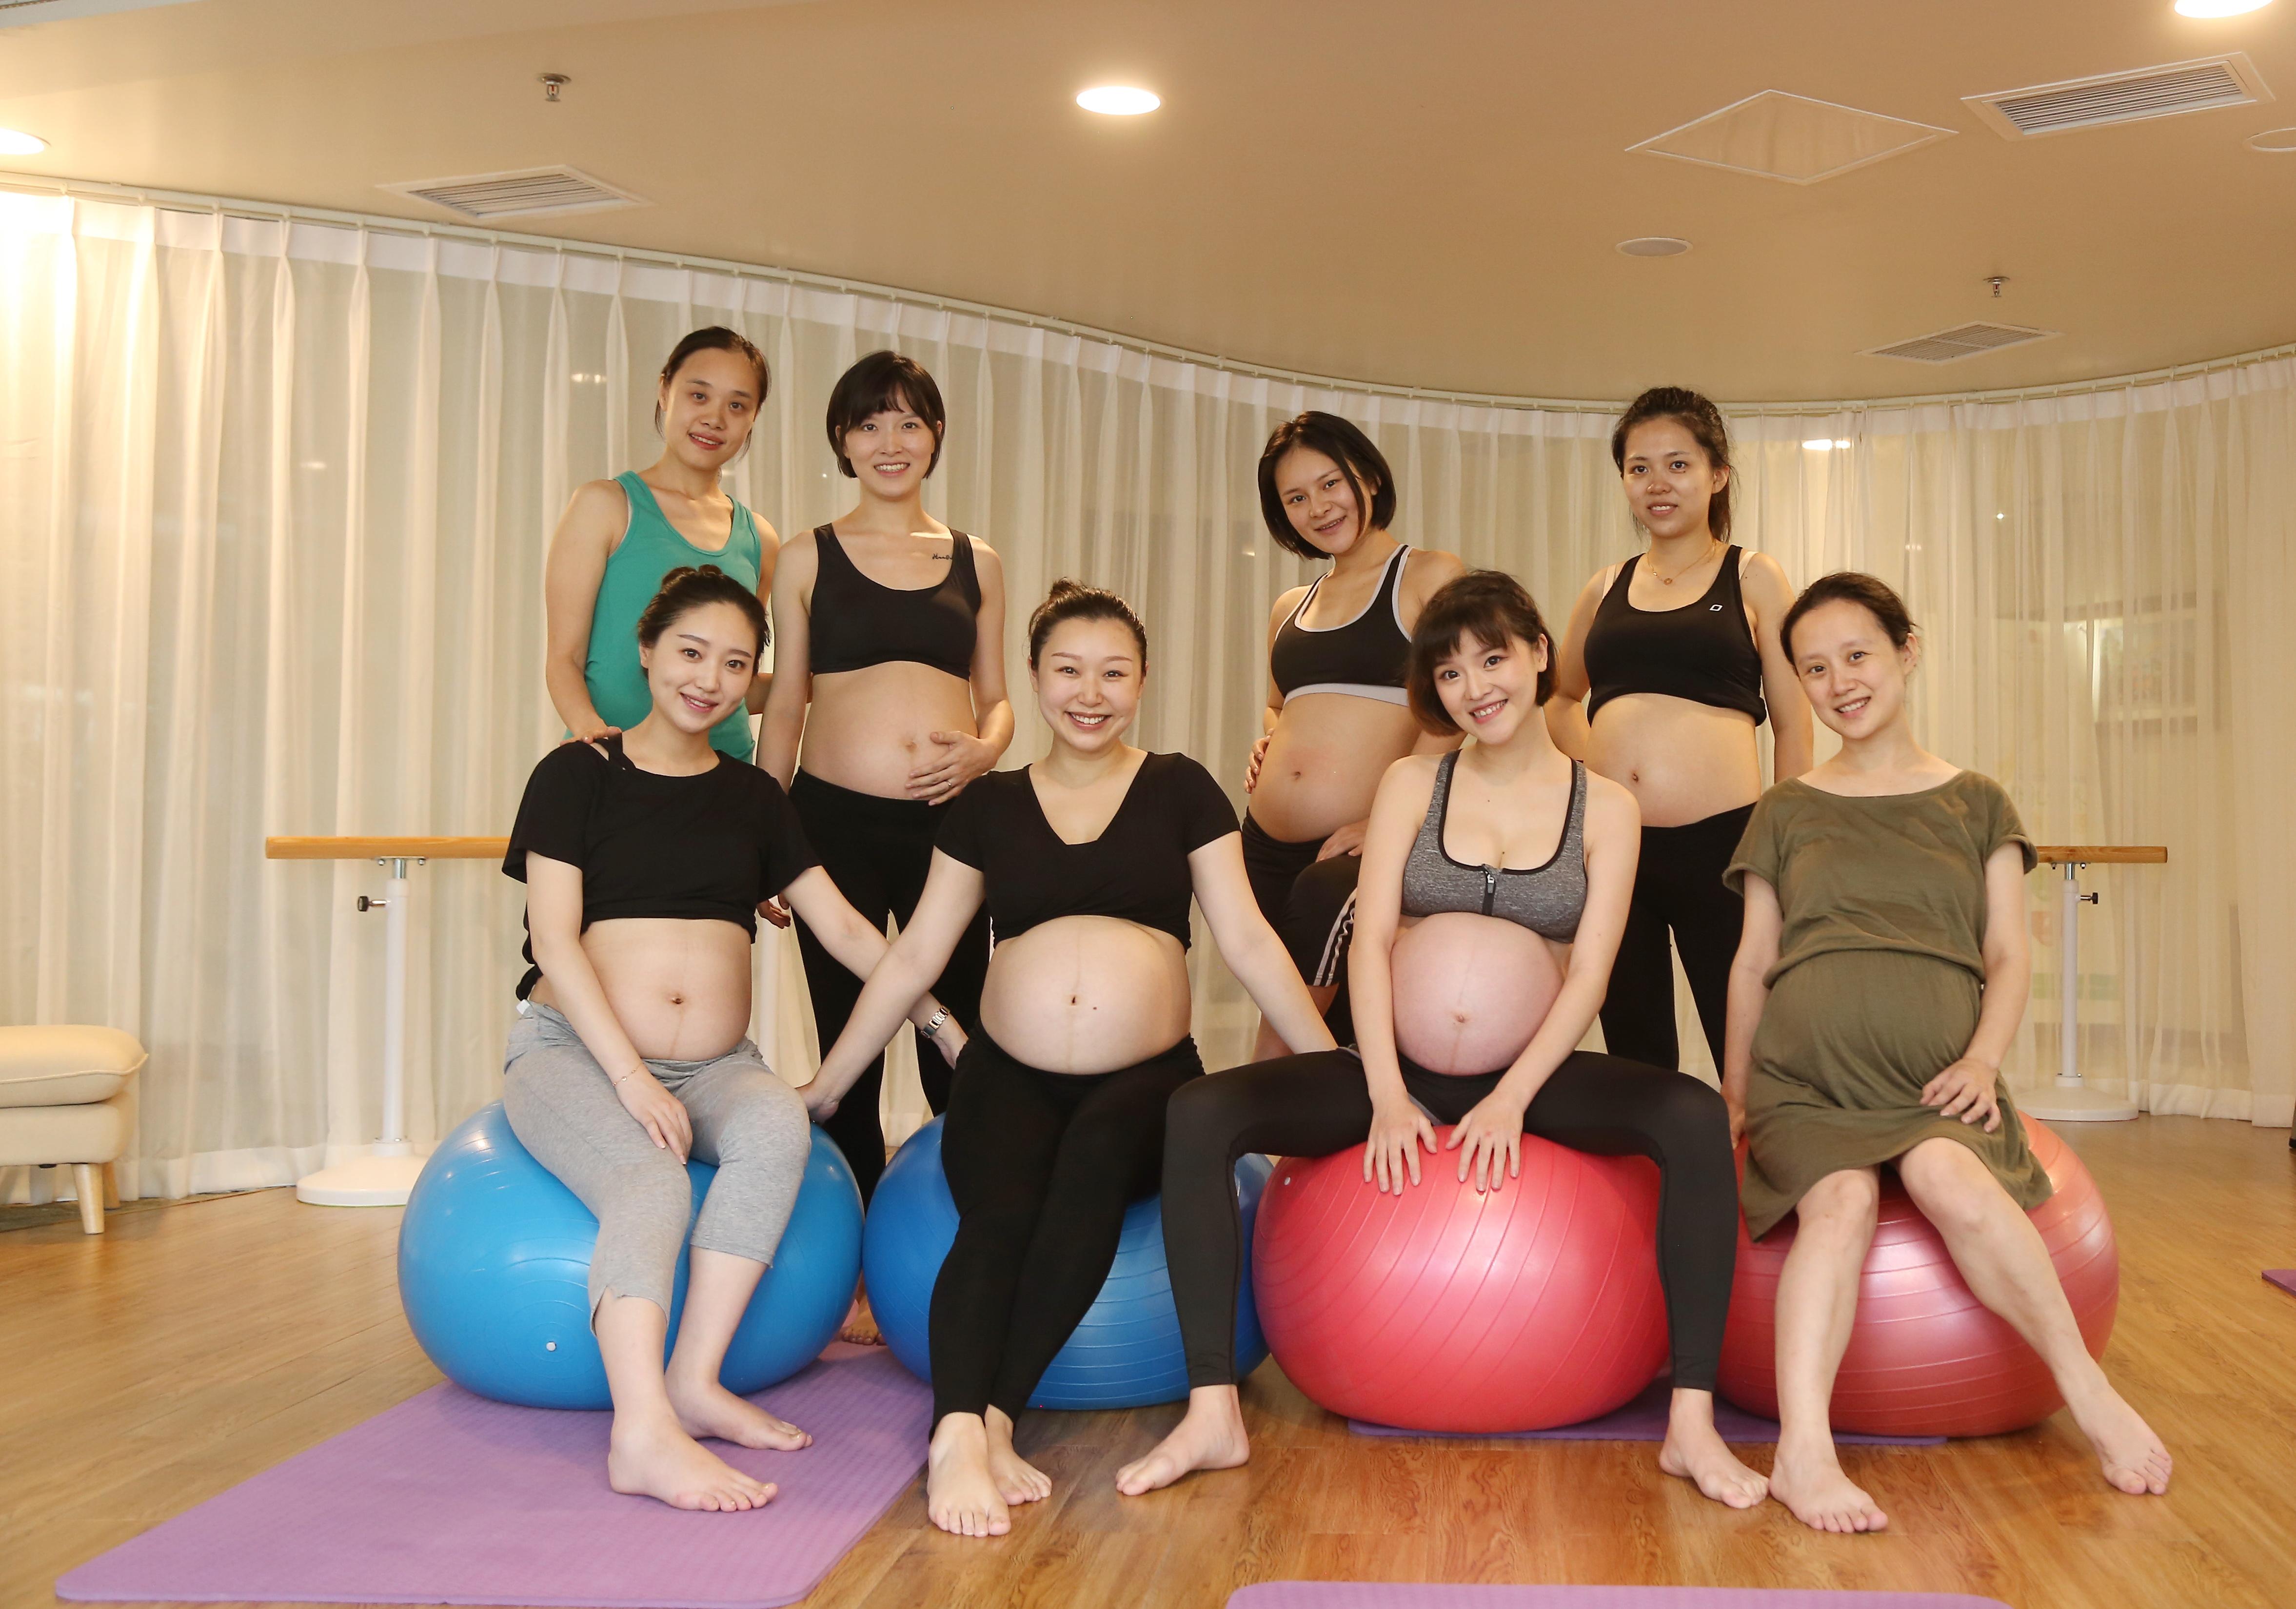 5月6日-5月12日孕育学院课程安排